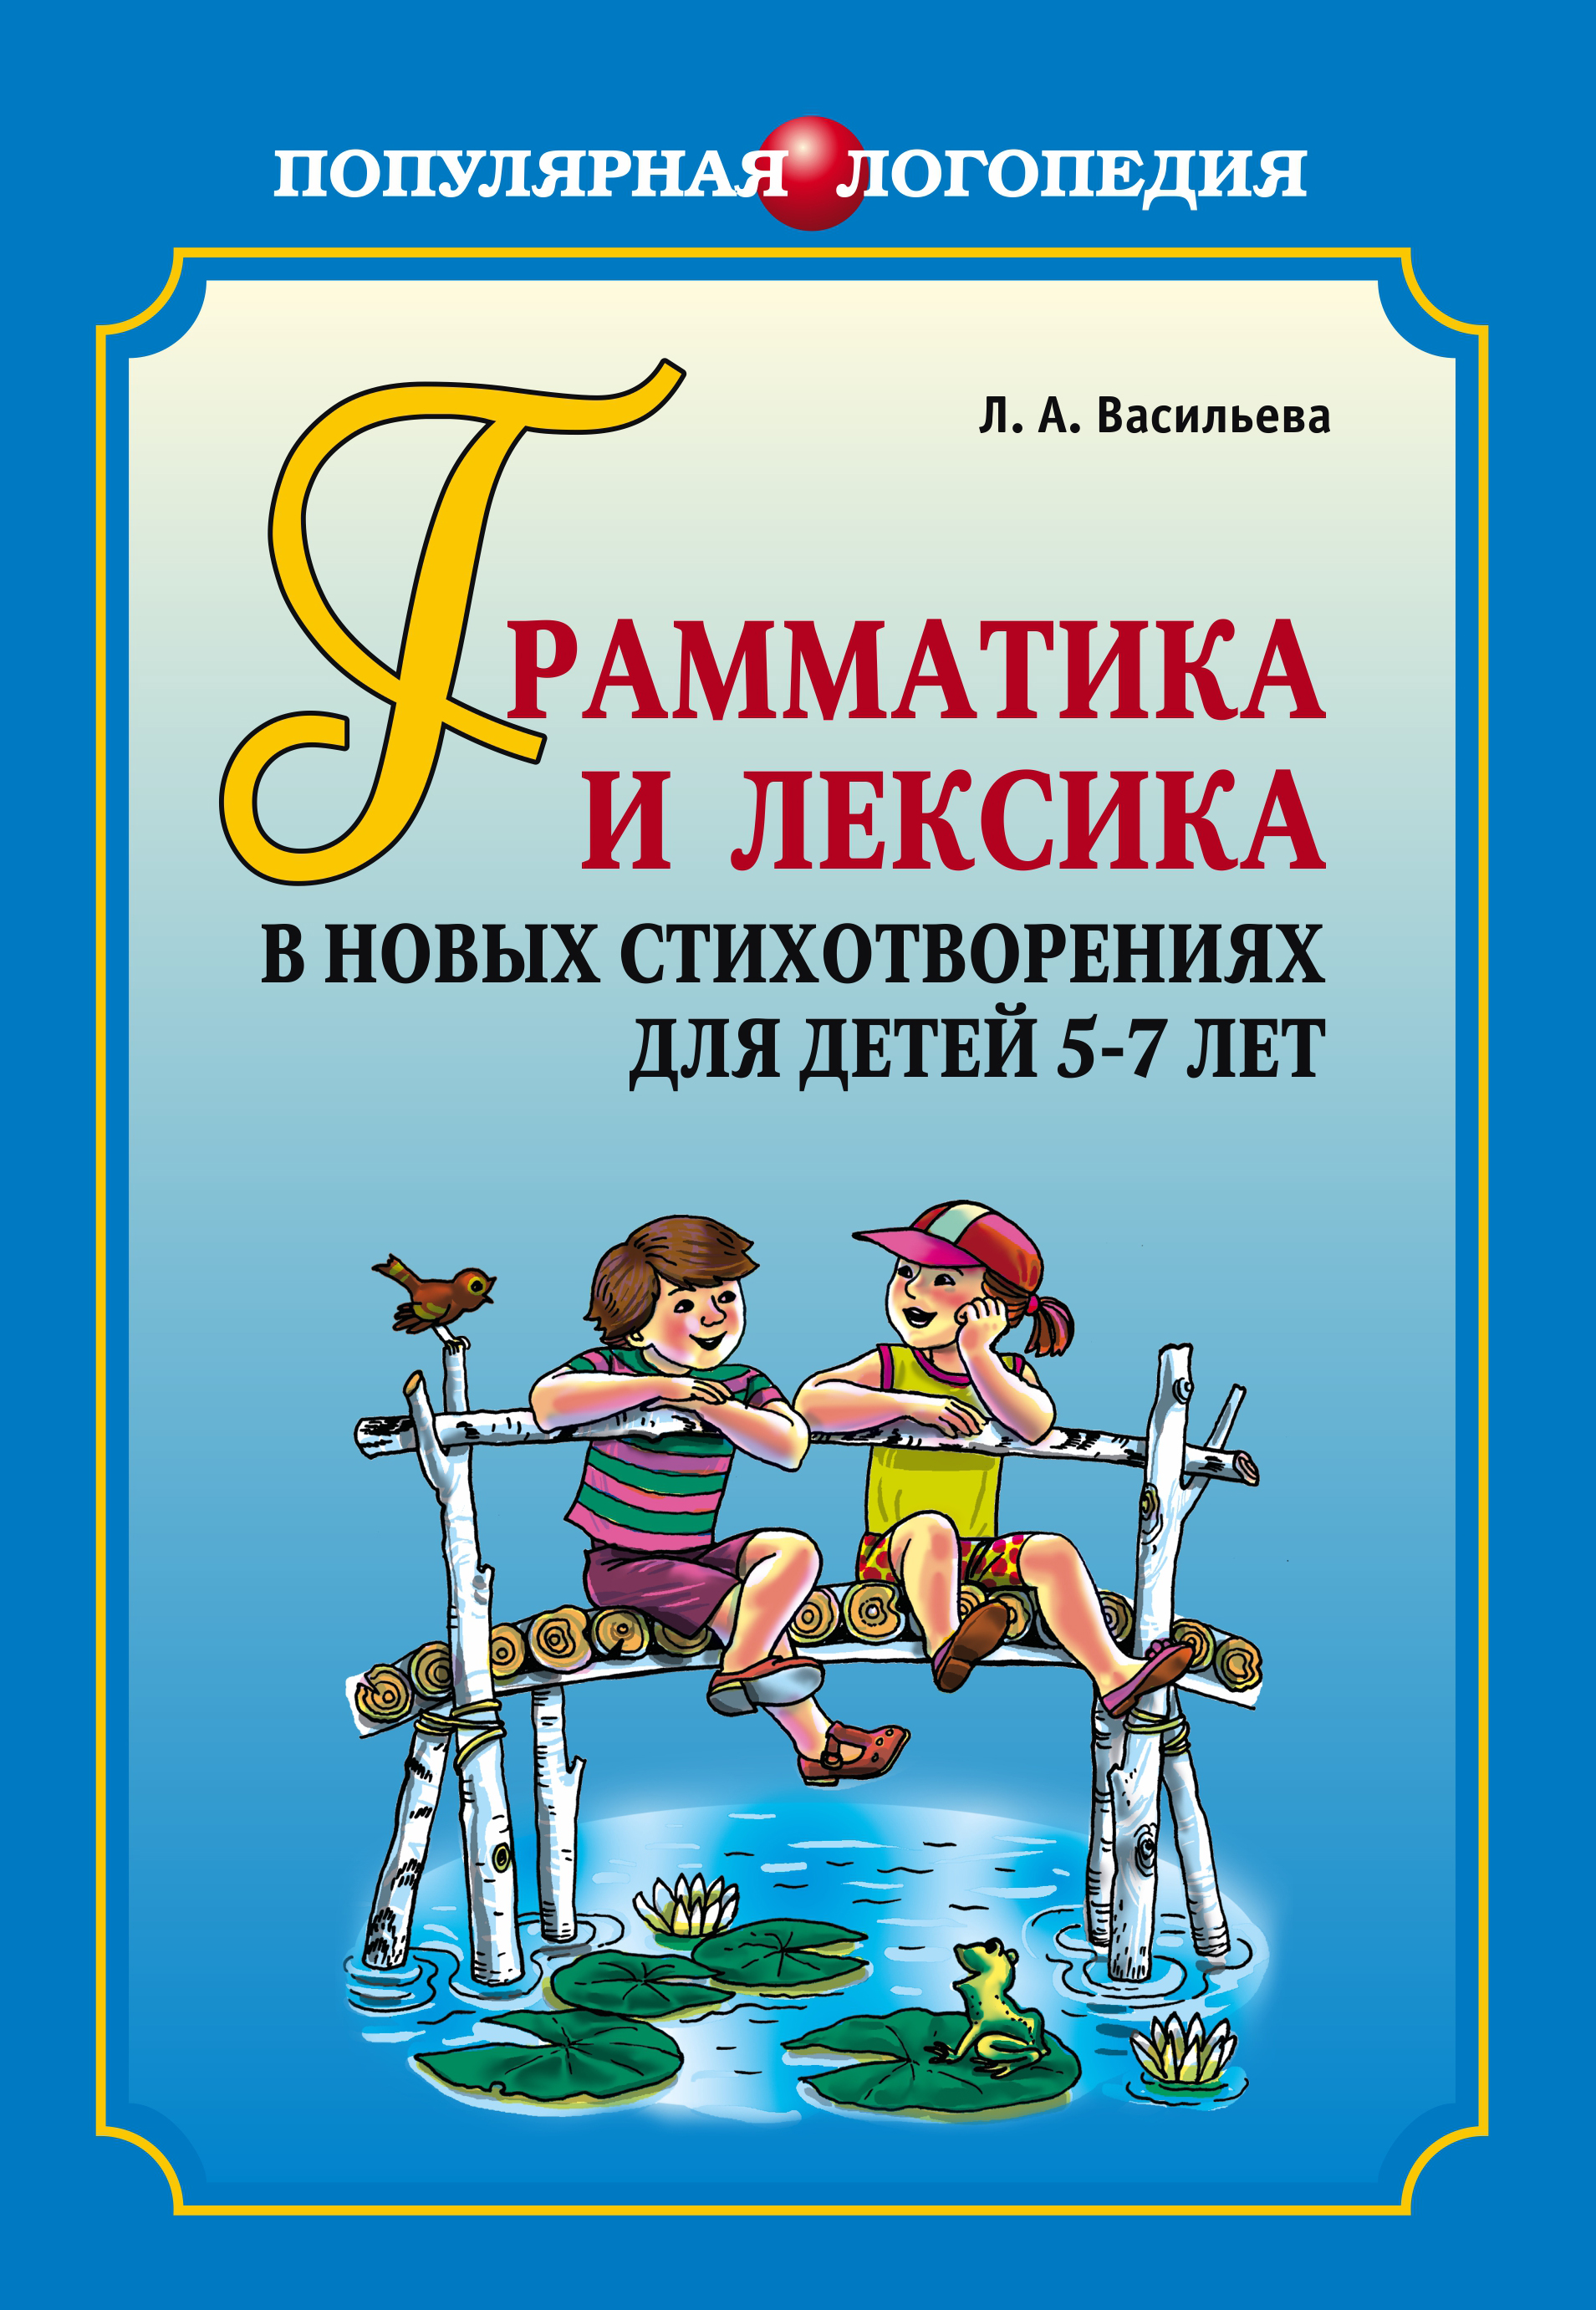 Лариса Васильева Грамматика и лексика в новых стихотворениях для детей 5-7 лет прокофьев а присяга стихи разных лет